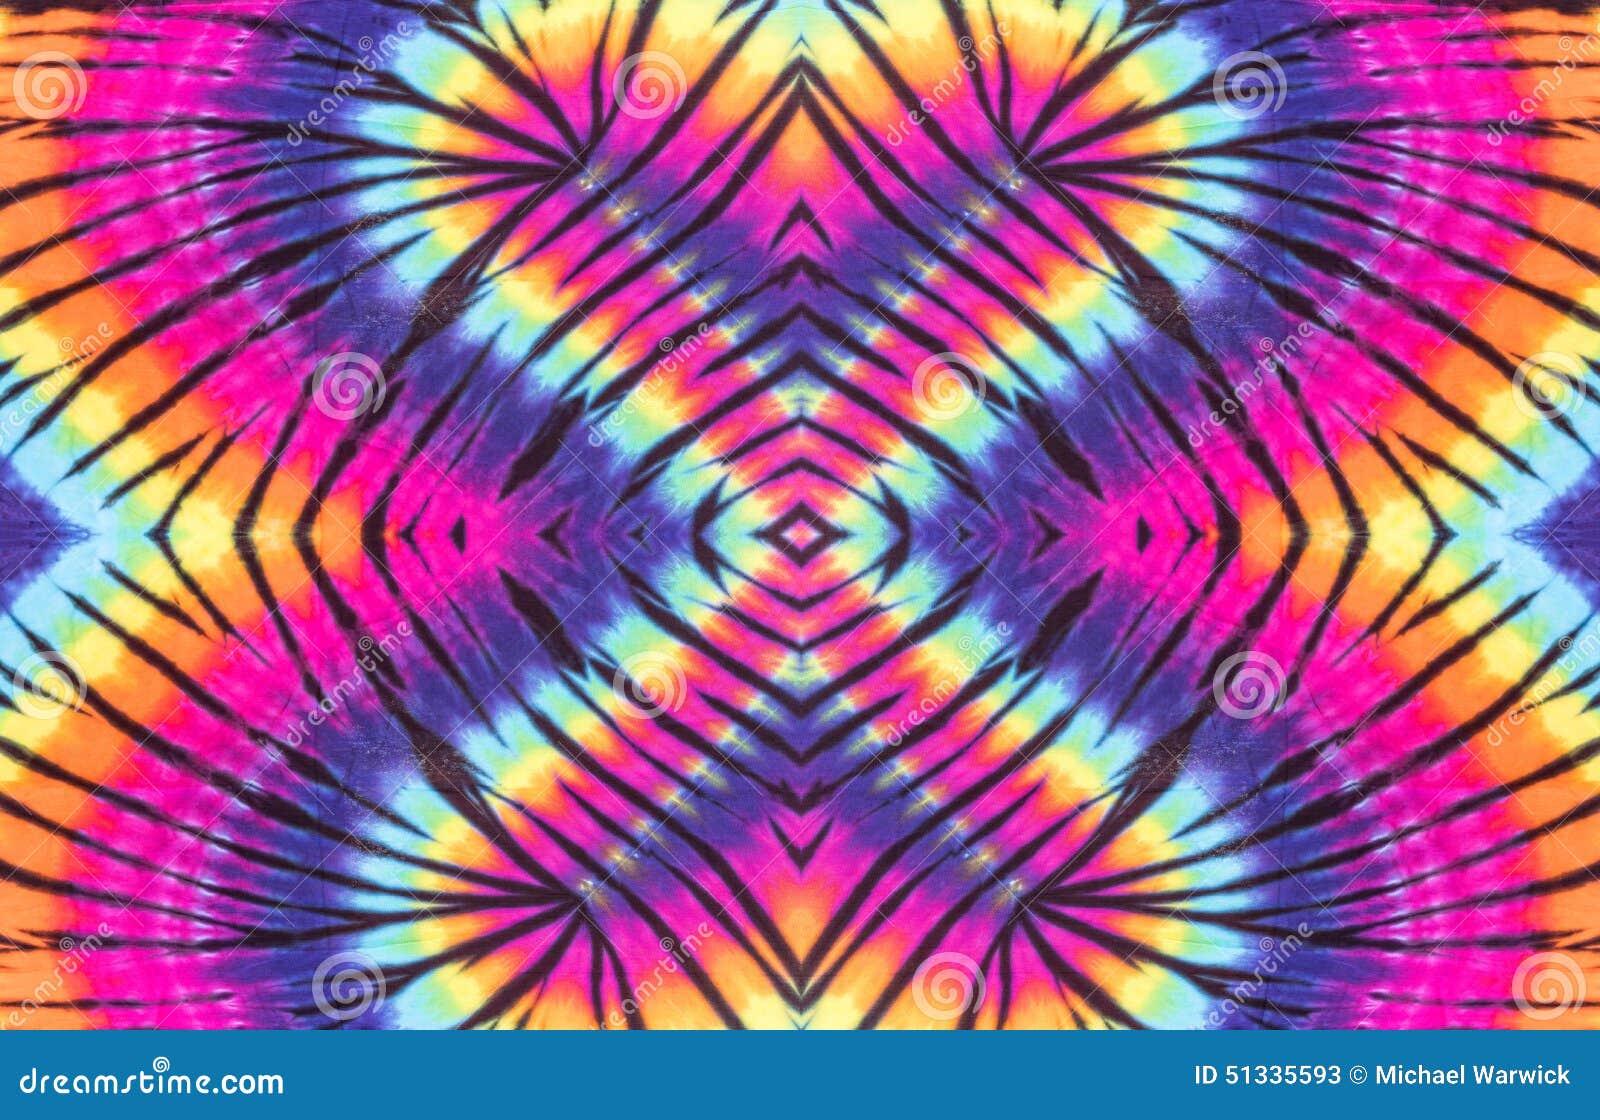 Buntes Bindungs-Färbungs-Spiralen-Muster-Design Stockbild - Bild von ...